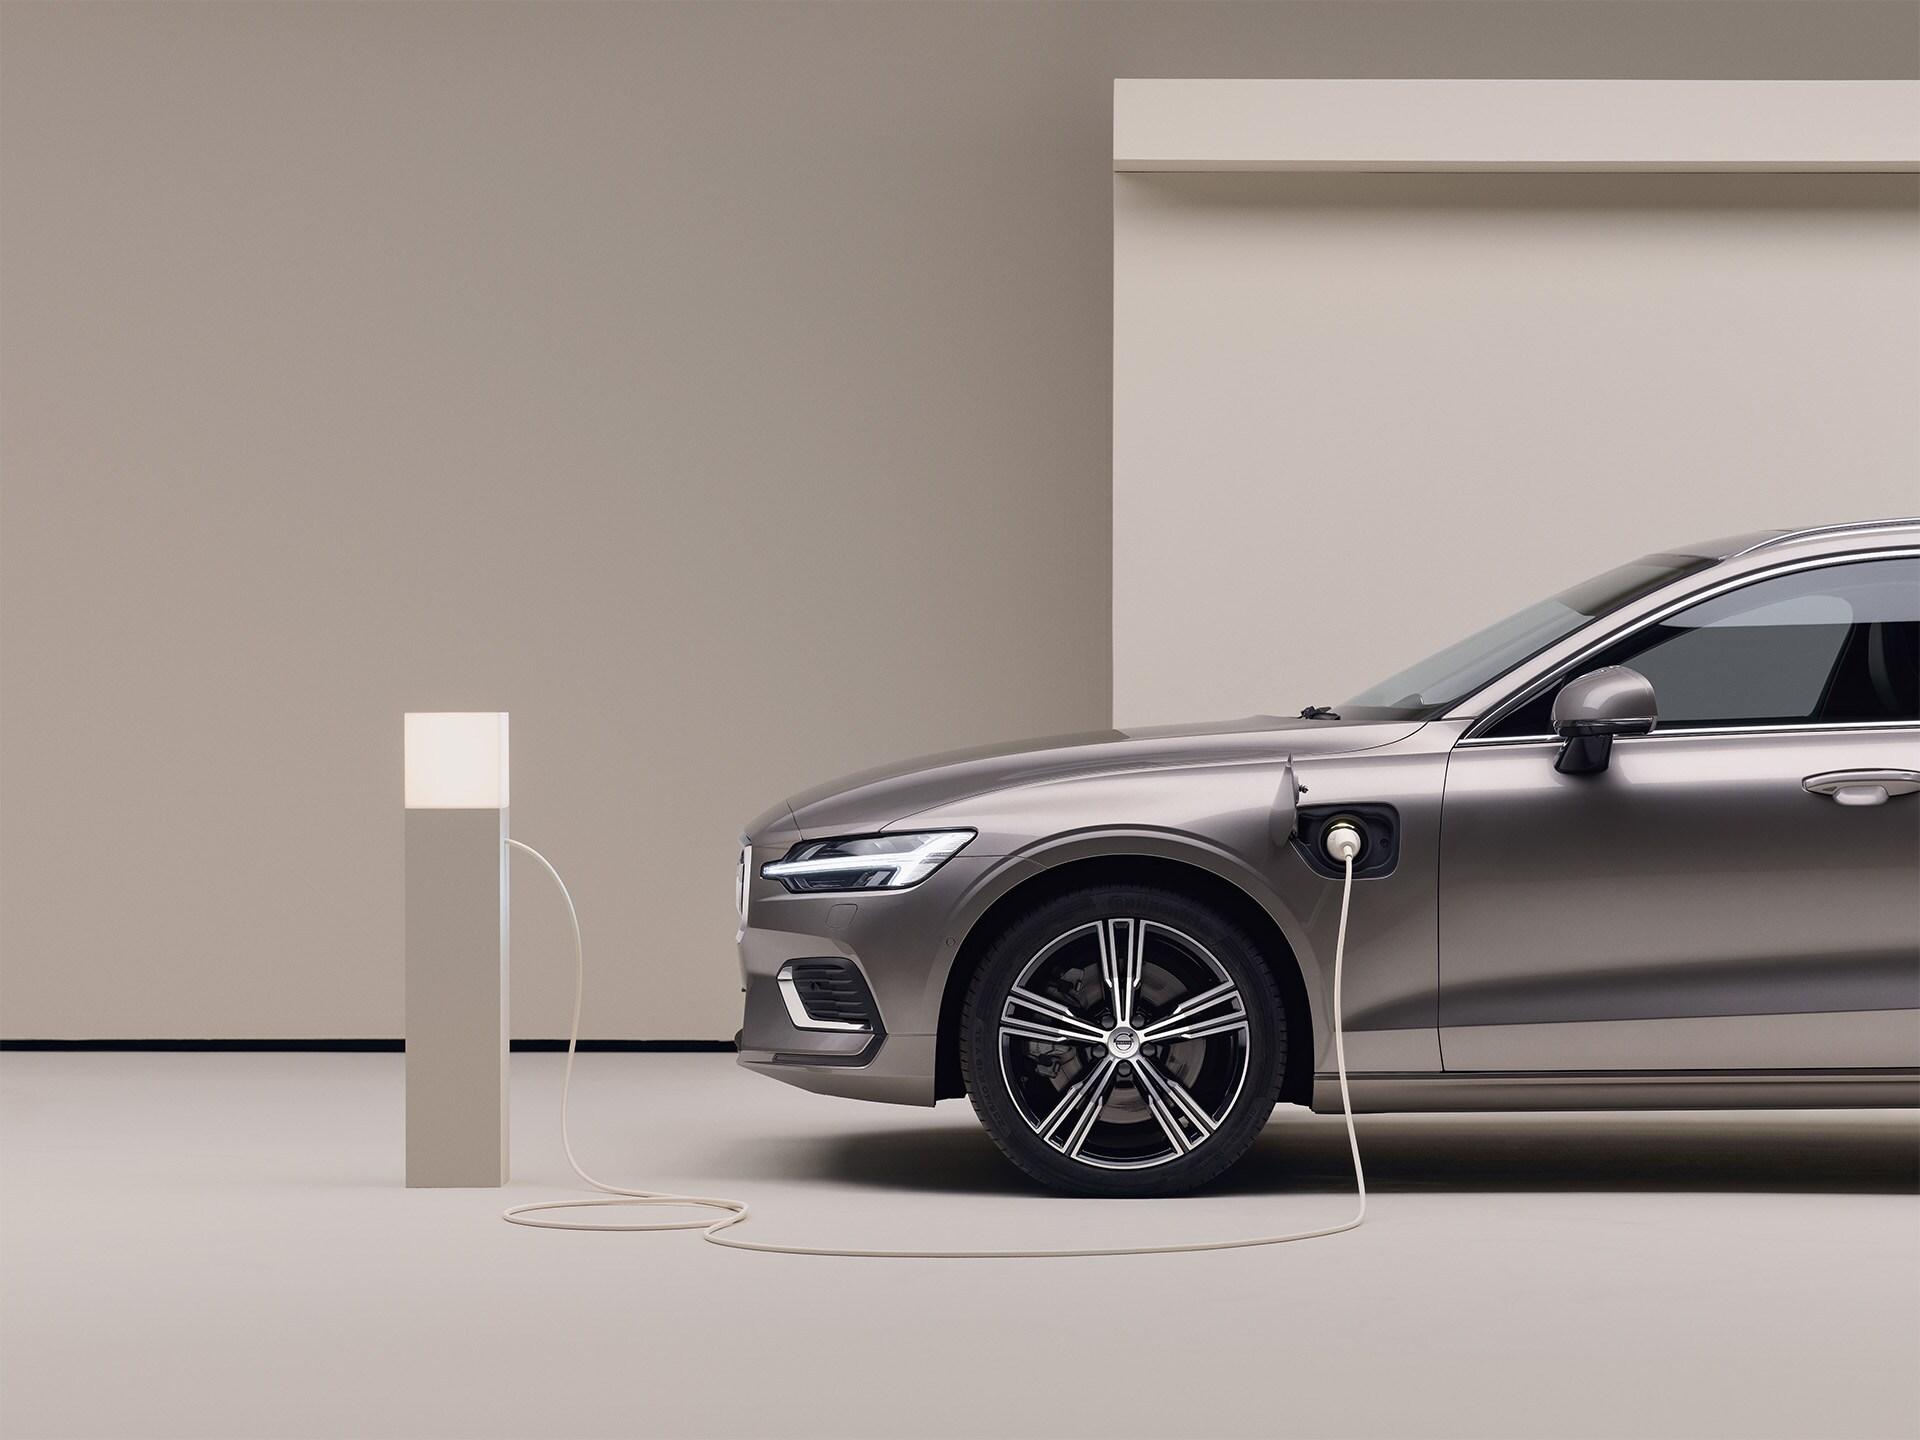 Uma carrinha Volvo cinzenta estacionada está ligada a um ponto de carregamento